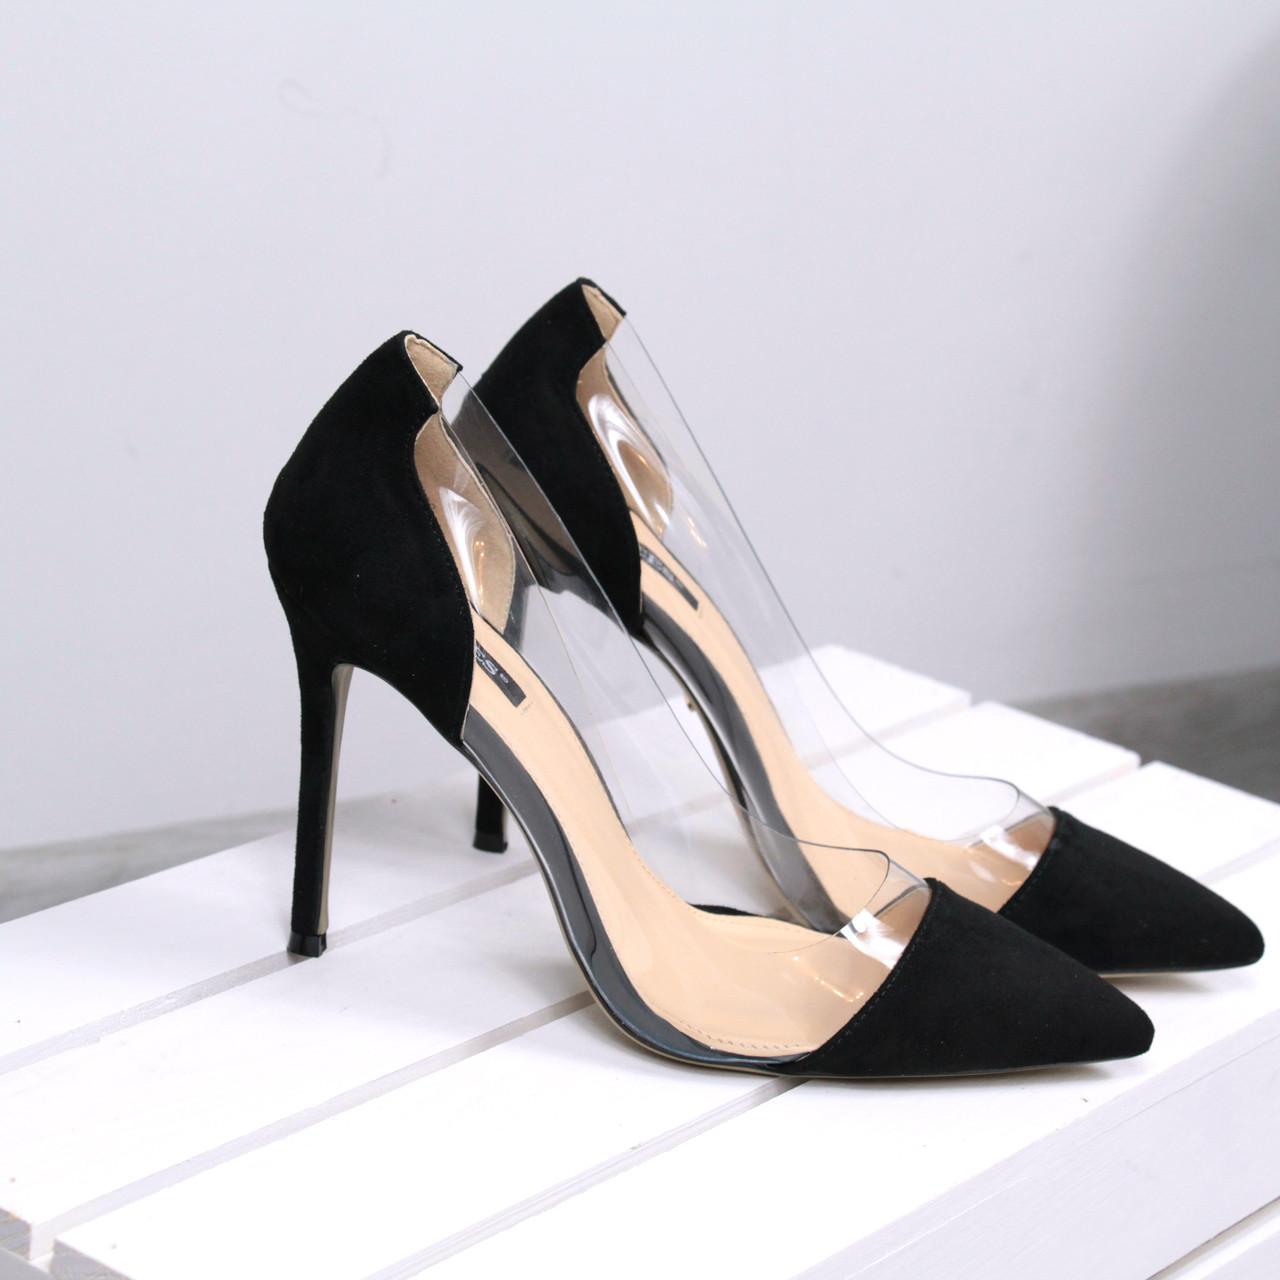 Туфли женские лодочки на шпильке Vices Glass черные 3390 - Интернет - магазин MaxTrade в Днепре